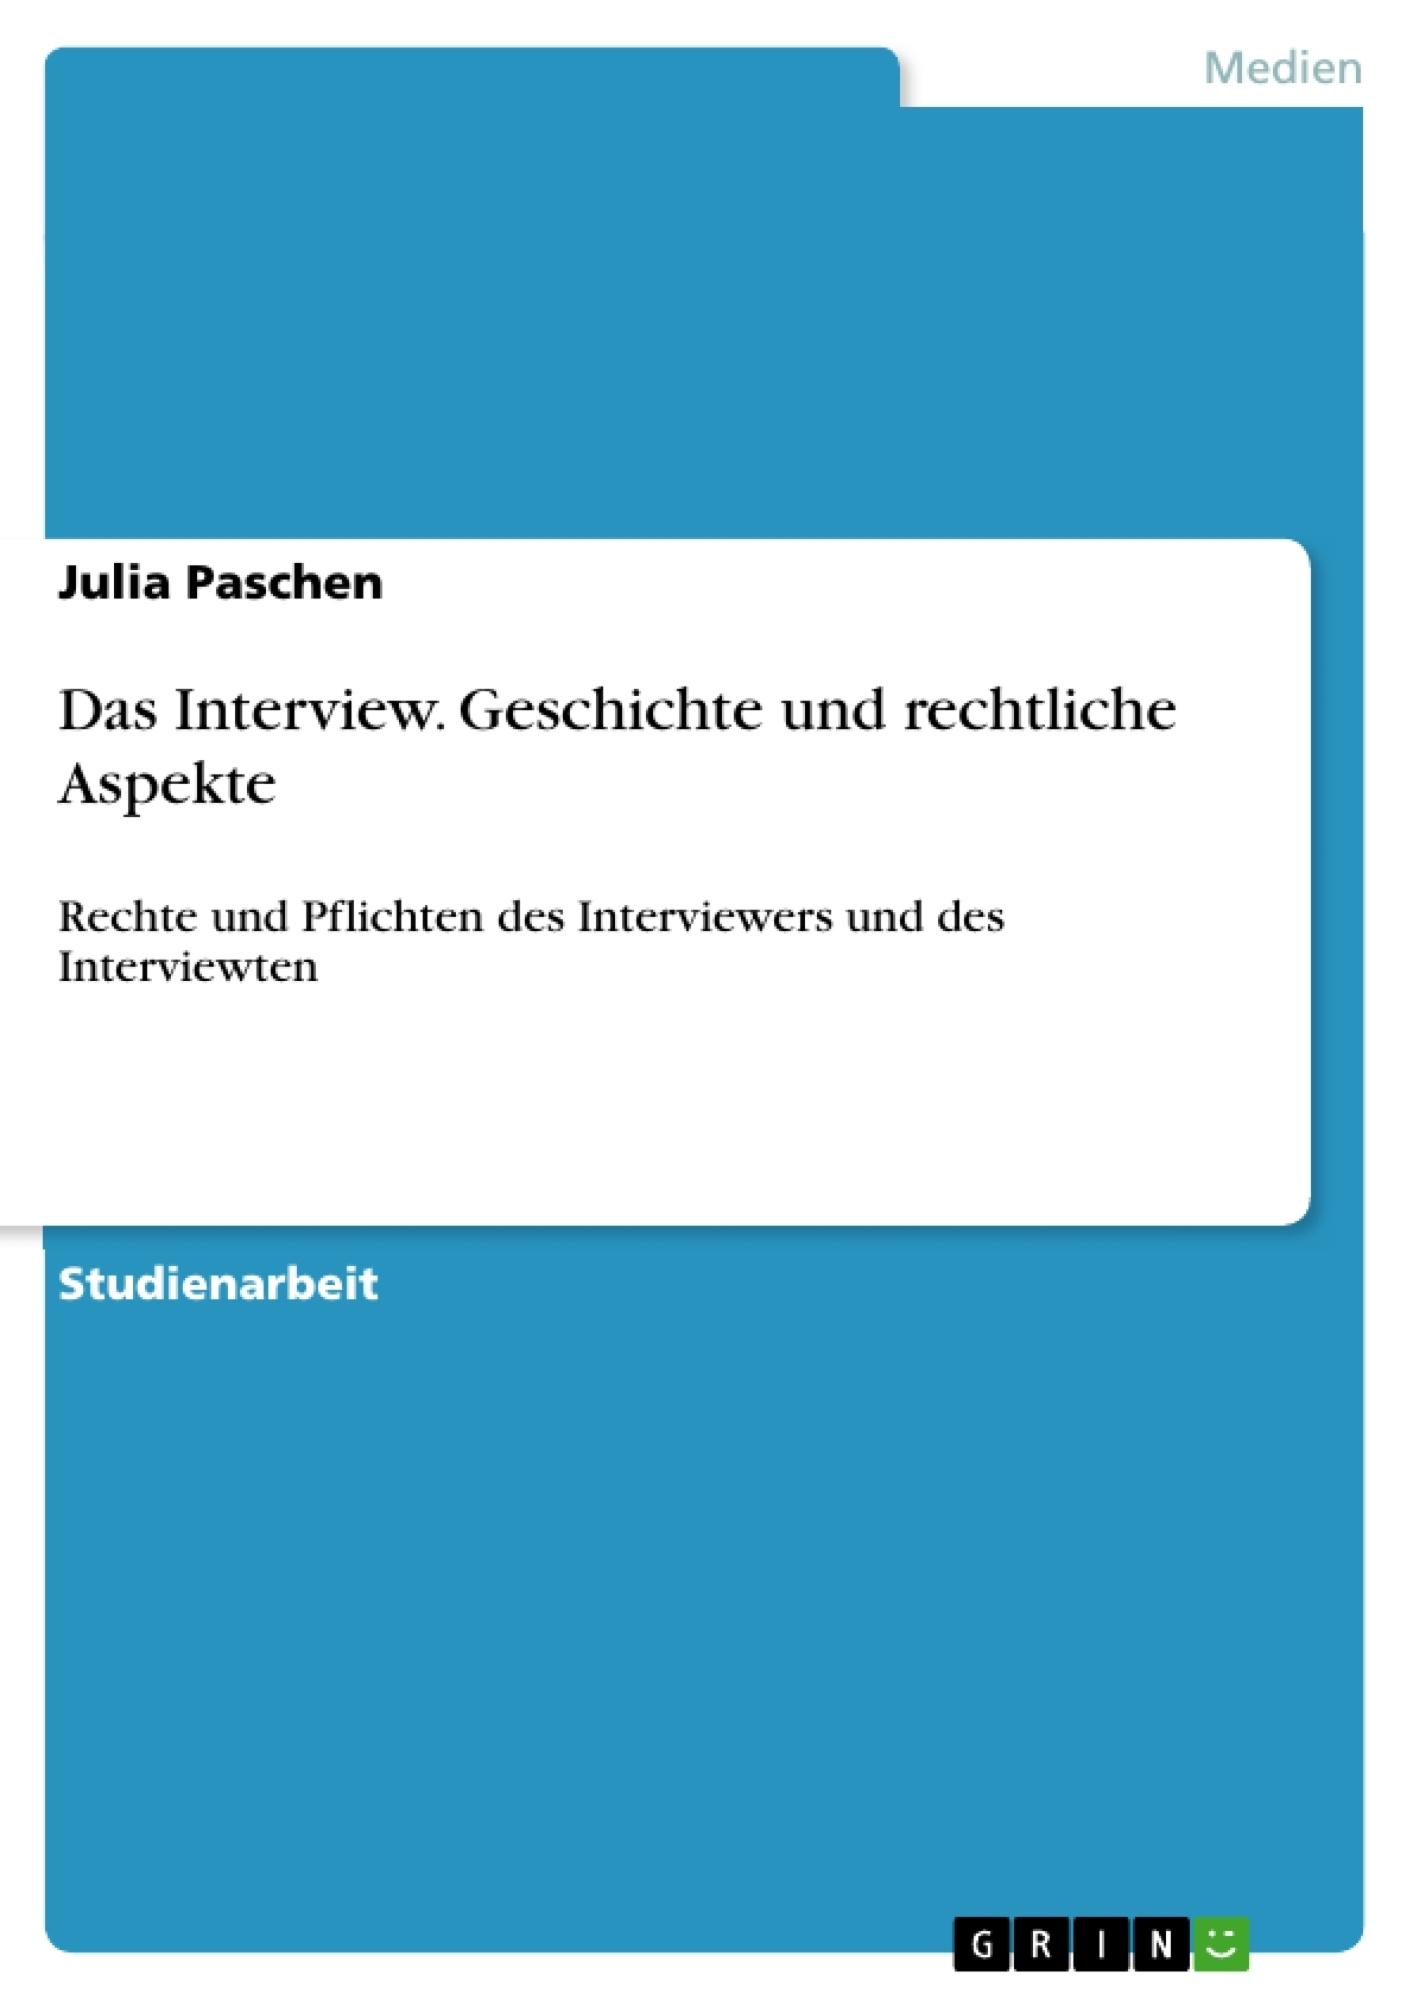 Titel: Das Interview. Geschichte und rechtliche Aspekte